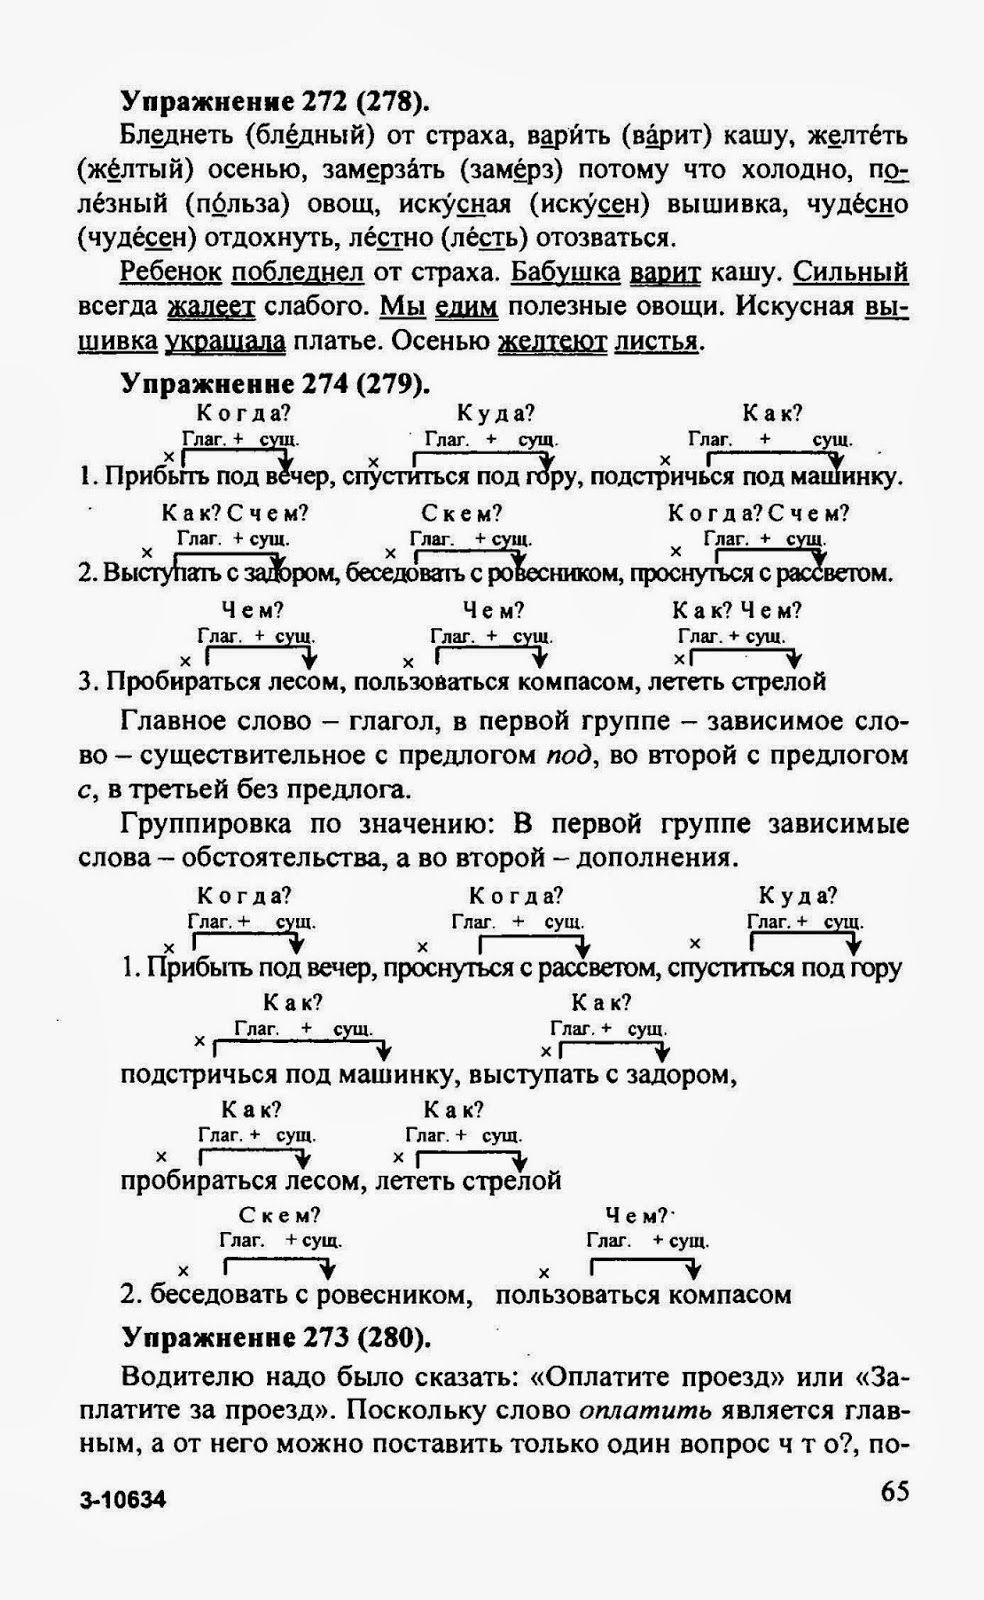 Скачать бесплатно без регистрации решебник по математике 3 класс козлова гераськин волкова